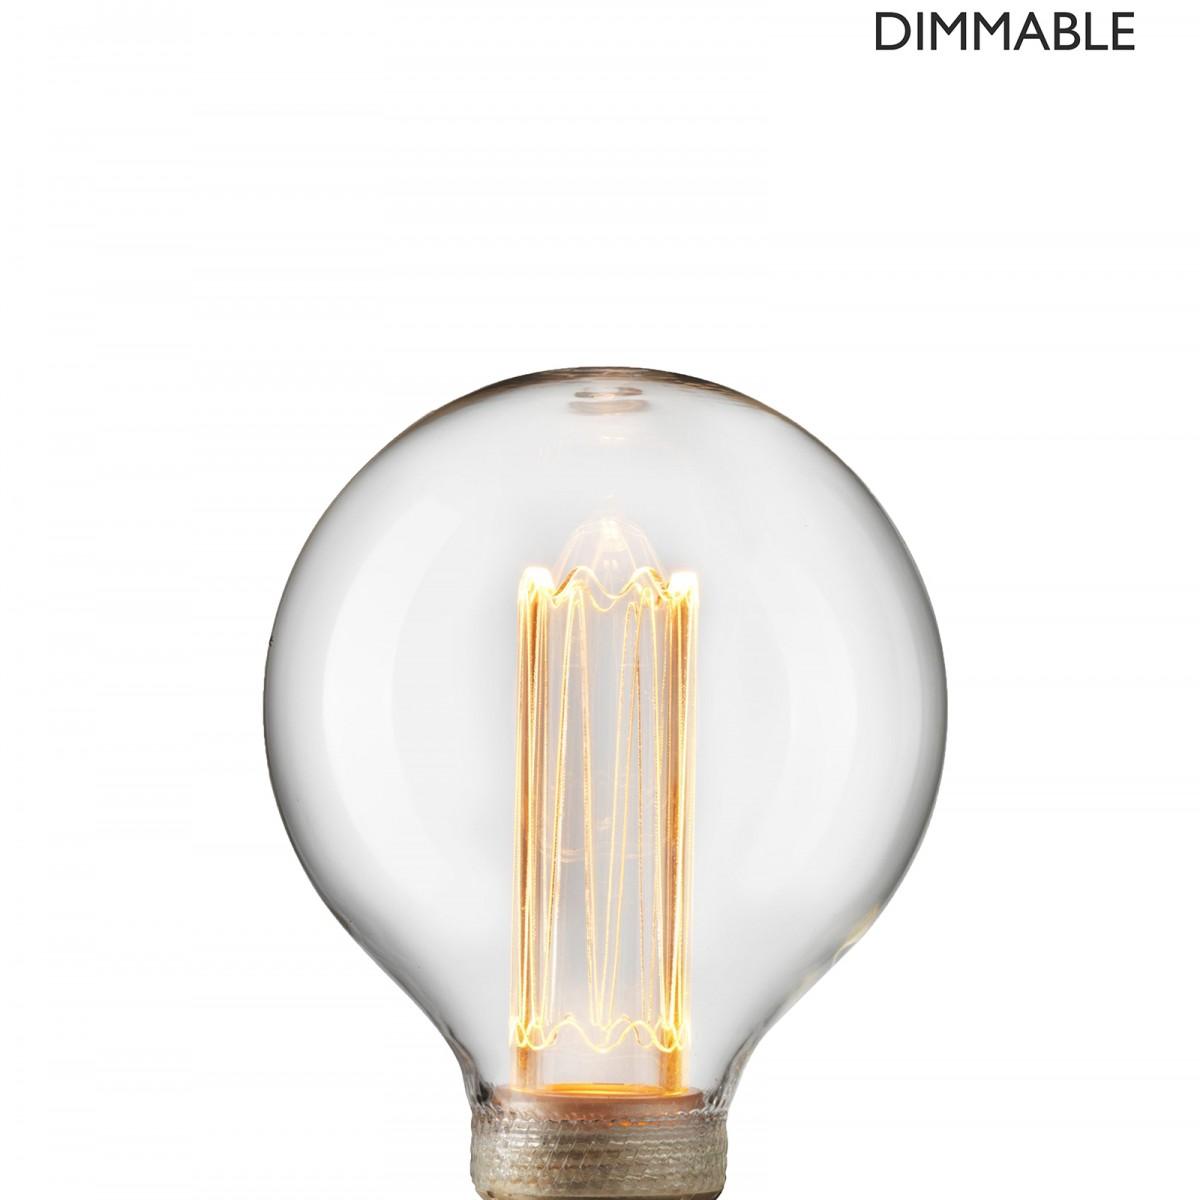 Bec Laser LED filament  dimabil L210, E27, 9.5cm, lumină caldă